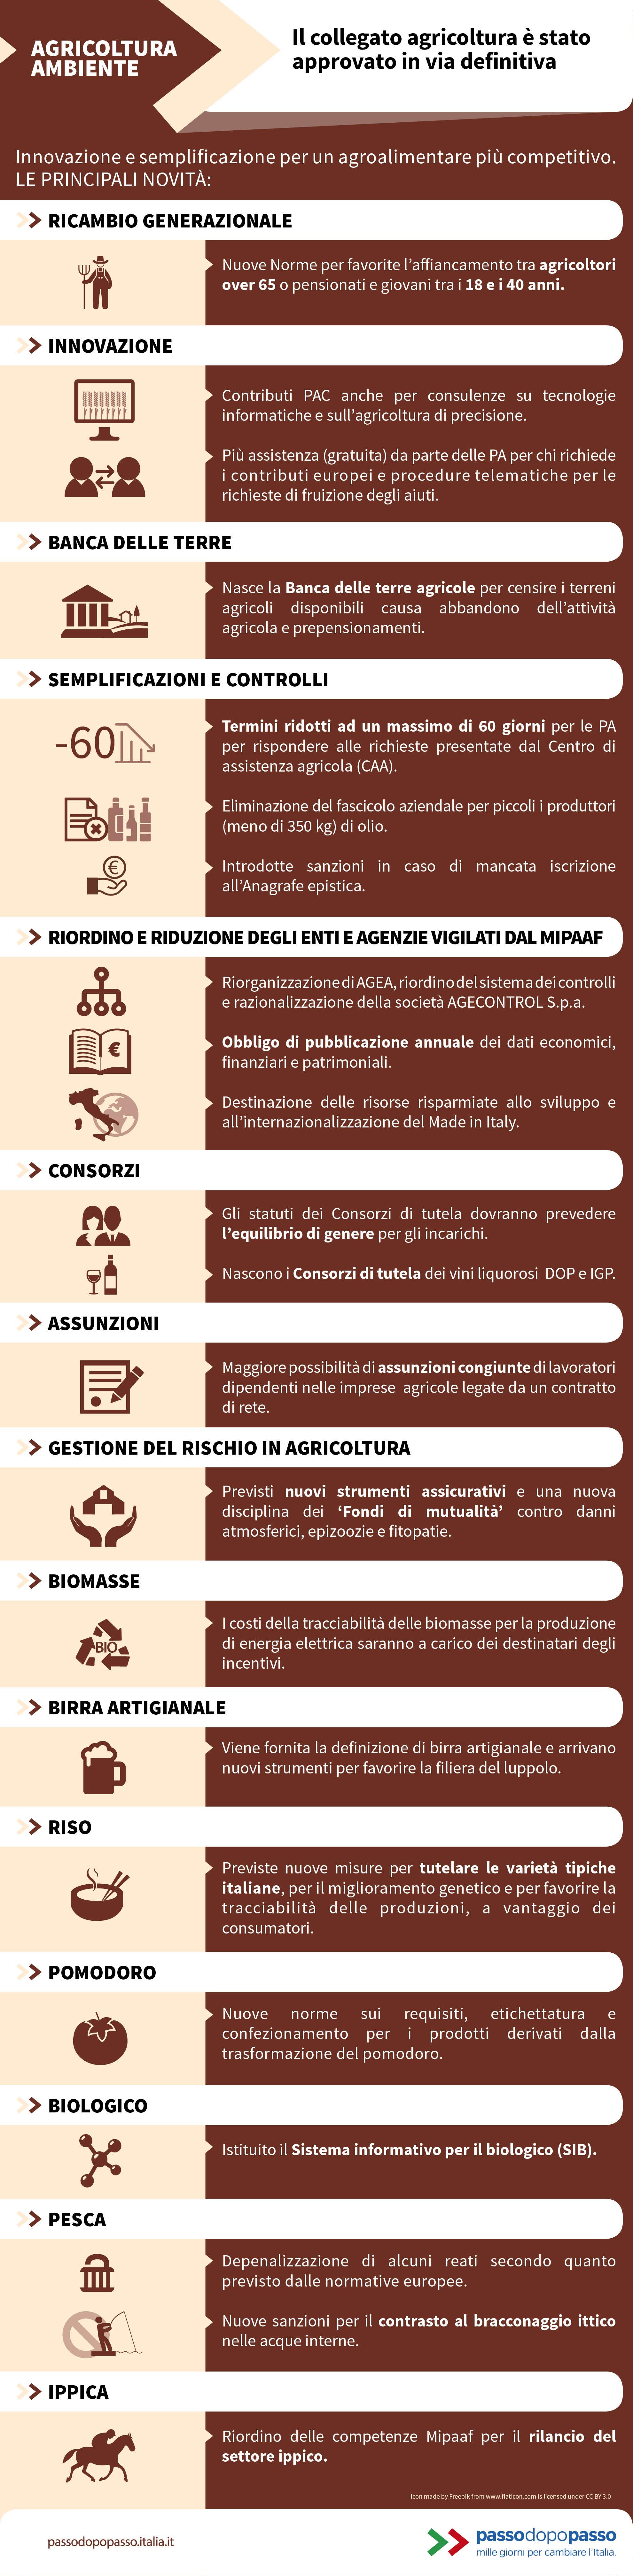 Infografica: Il collegato agricoltura è stato approvato in via definitiva